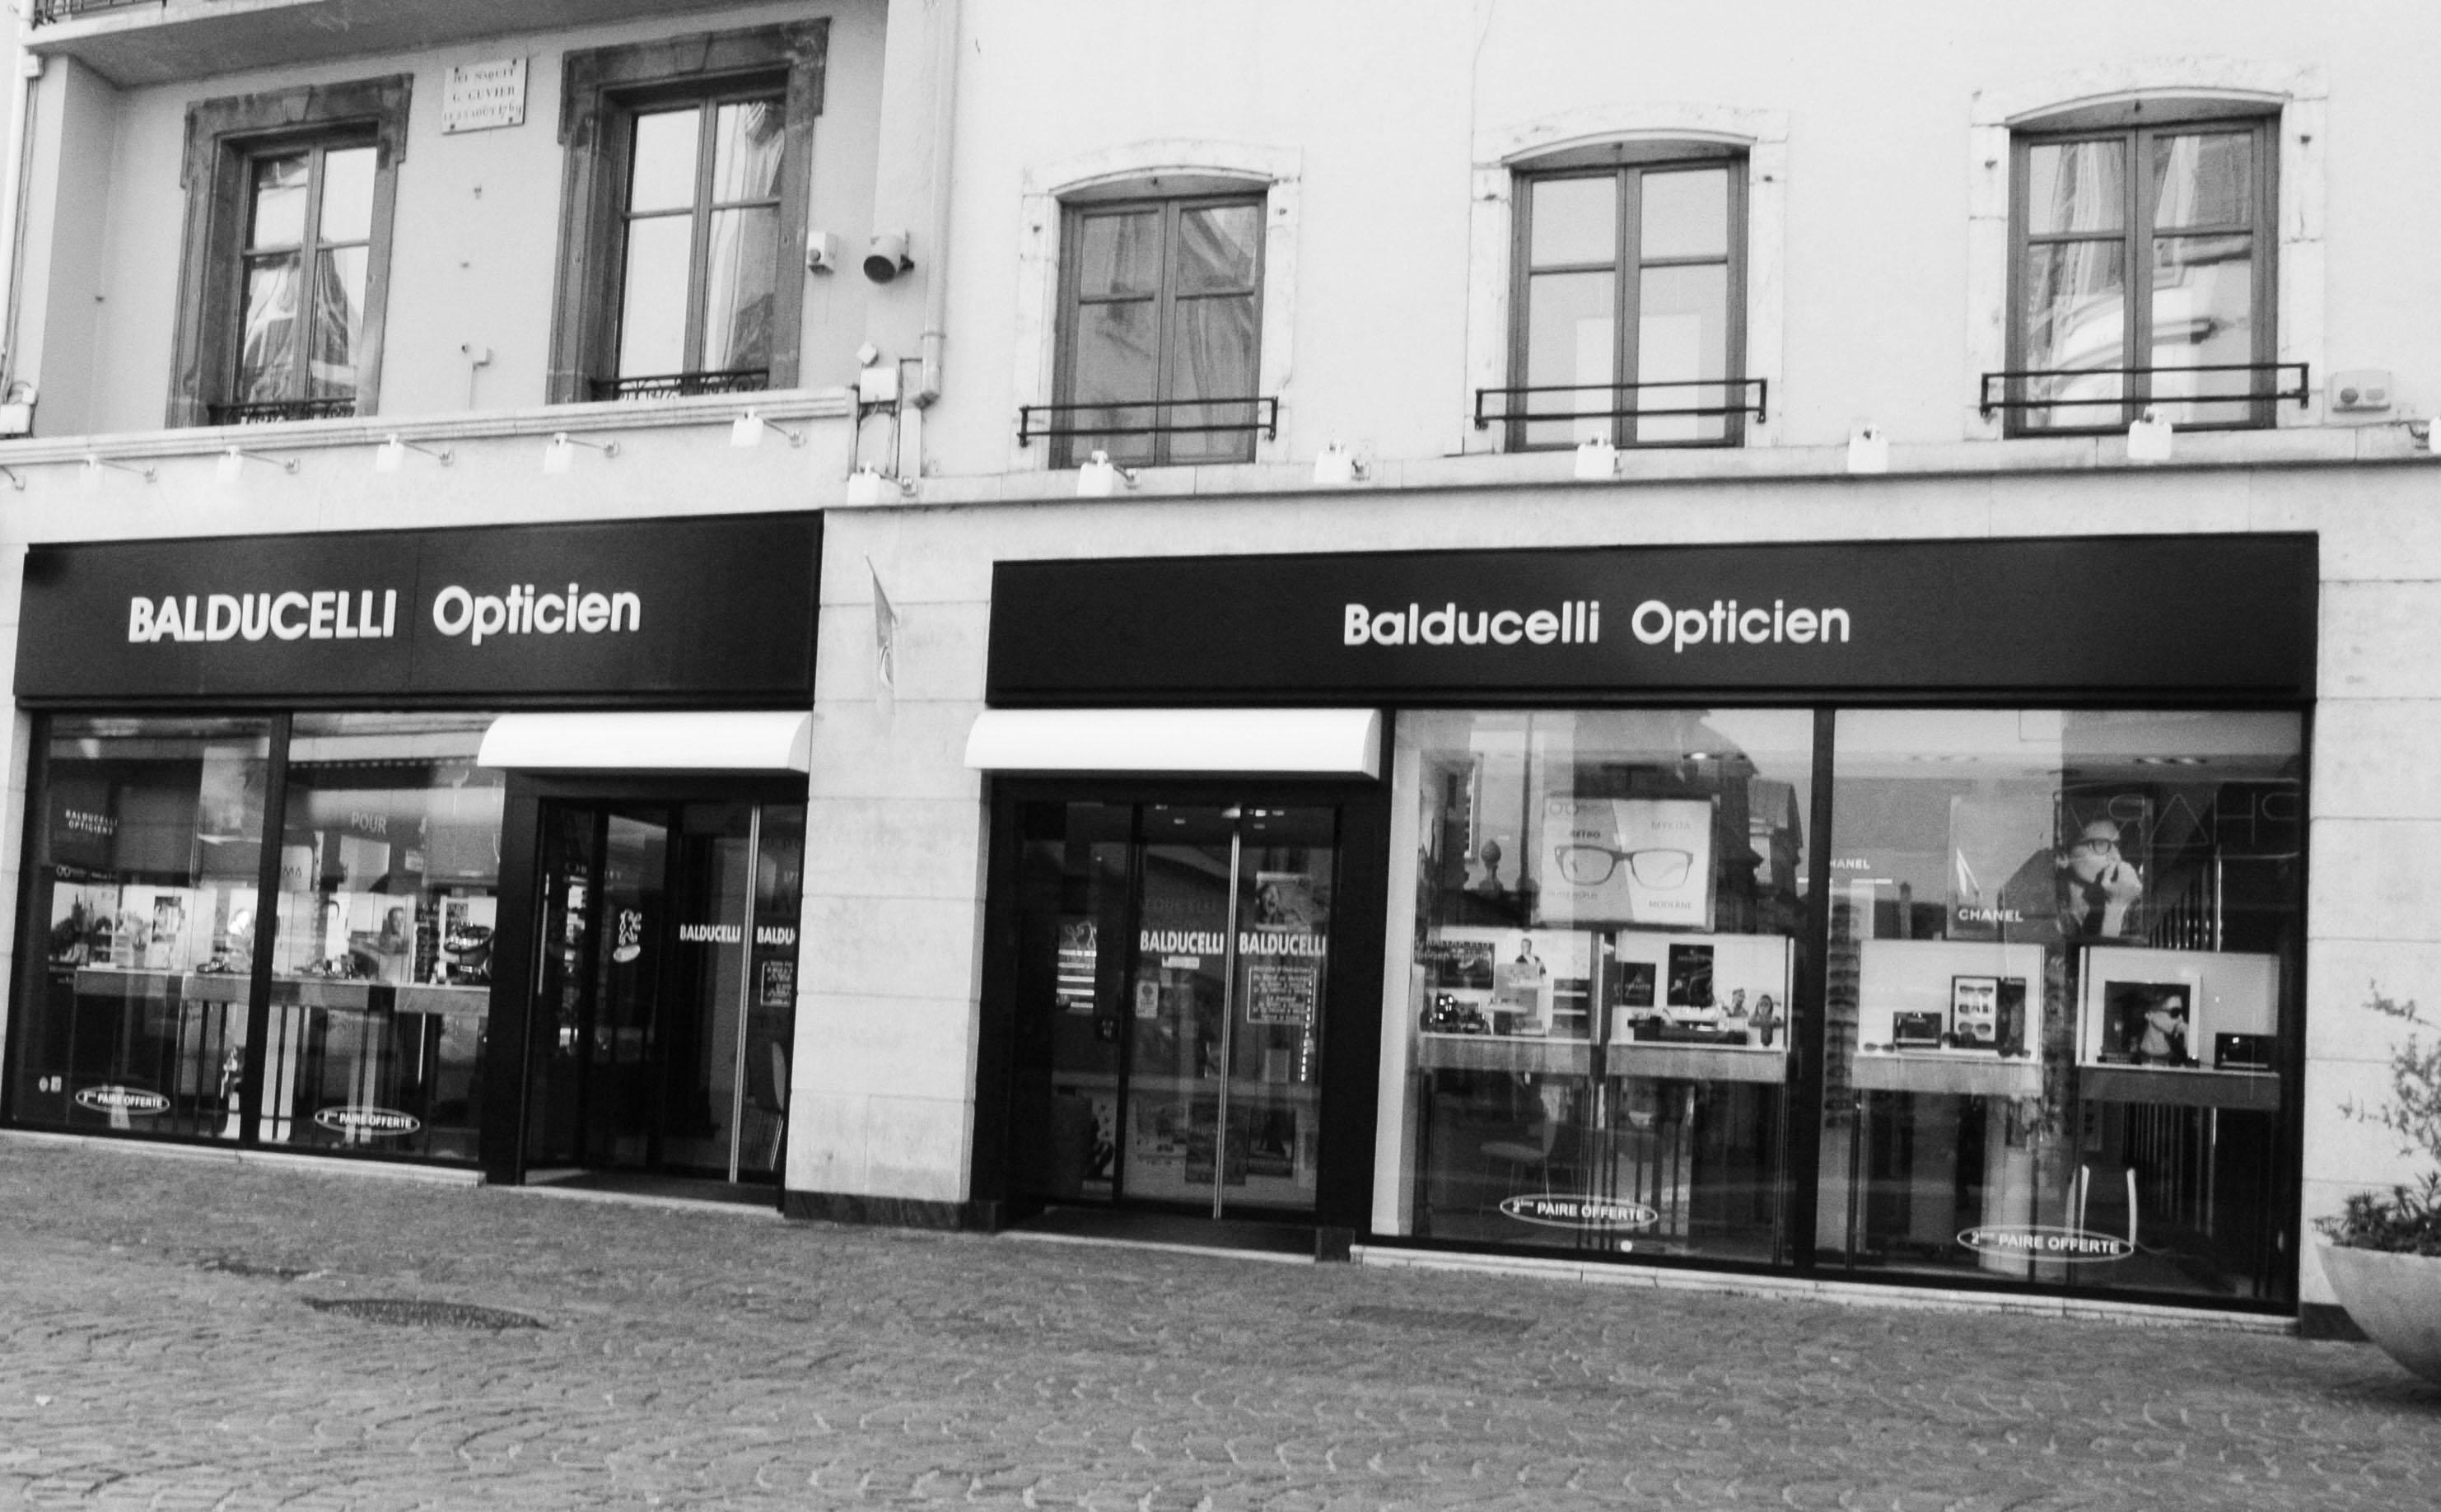 optique balducelli opticiens 2014 montbéliarde rue piétonne georges cuvier centre ville coeur cité des princes